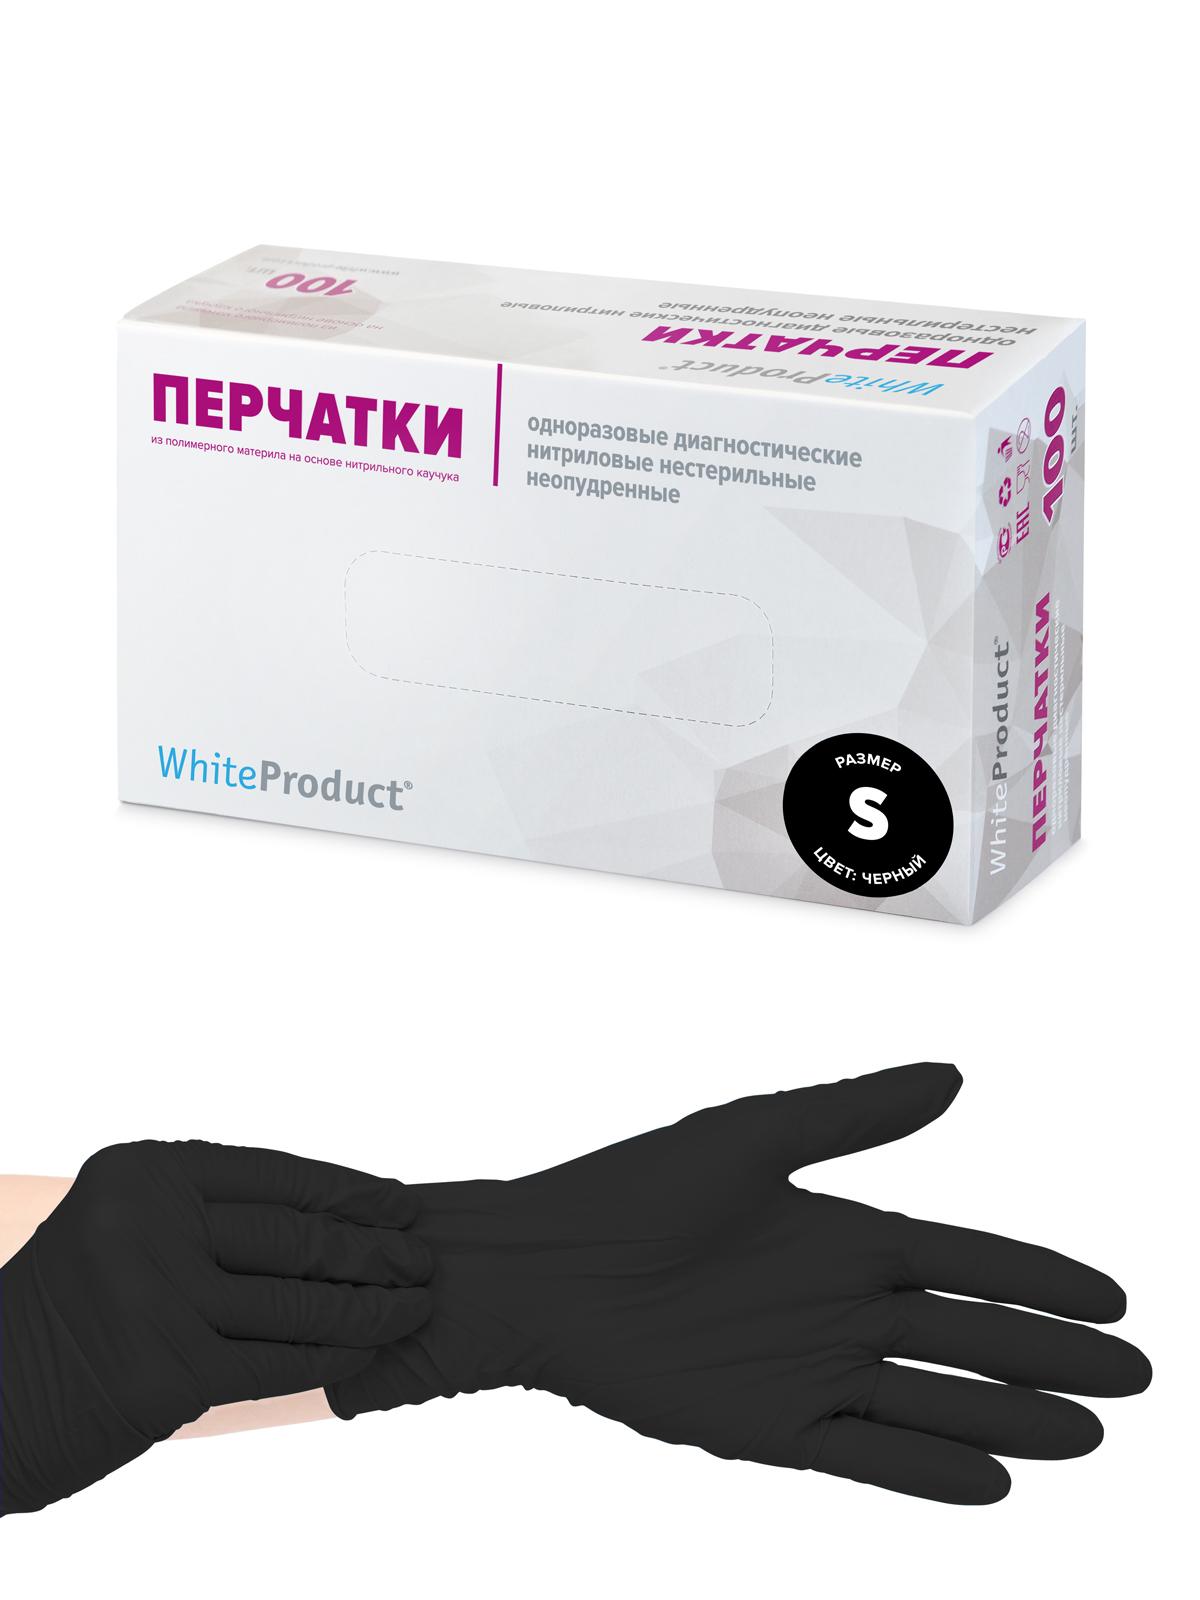 Купить Перчатки медицинские WHITE PRODUCT текстурированные черные, размер S, 100 шт, Нитрил, WHITE PRODUCT ONLINE